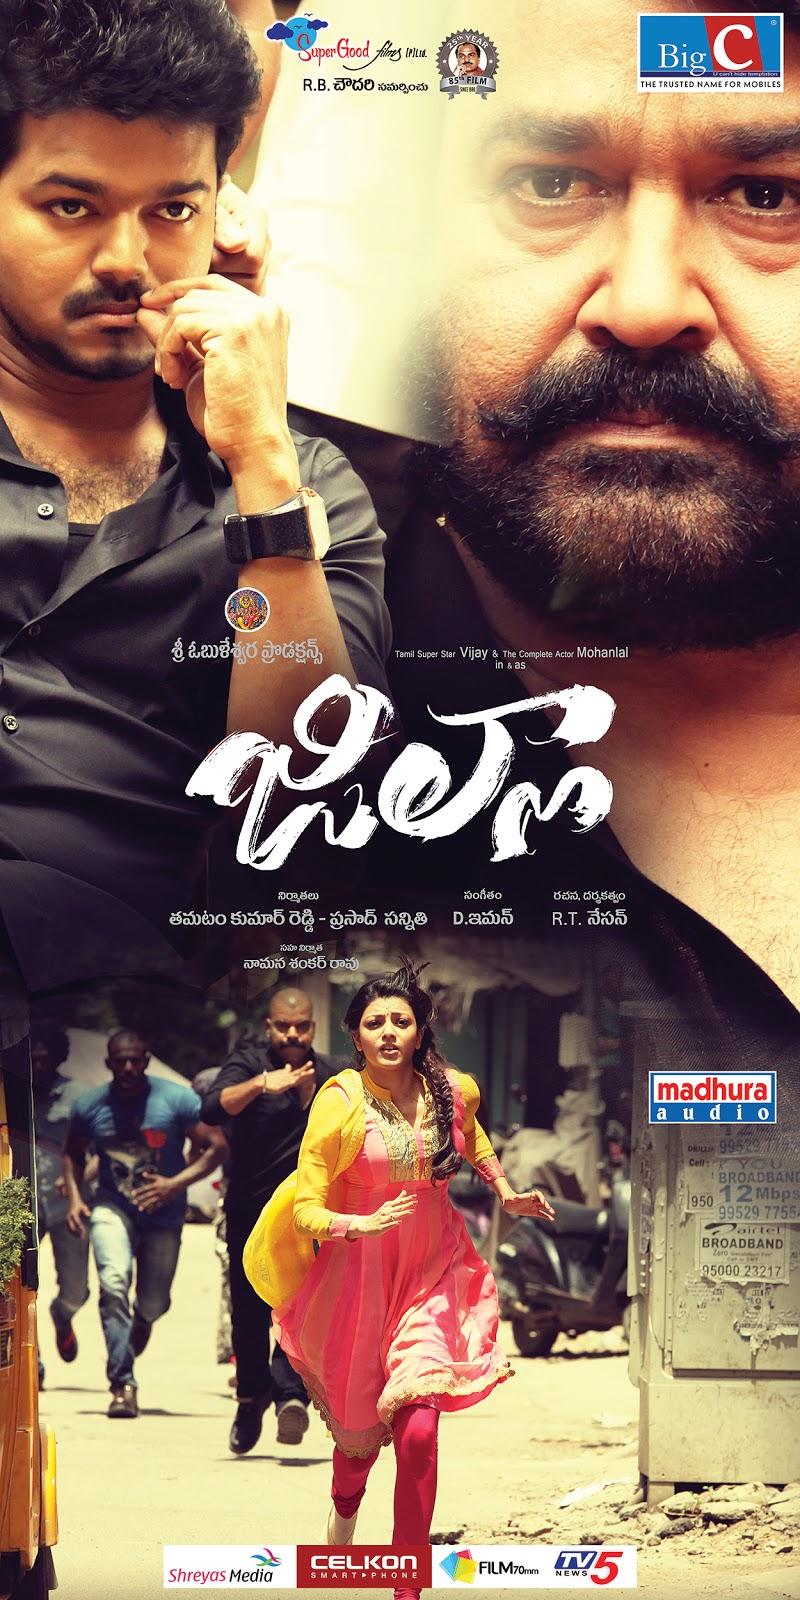 jilla telugu movie wallpapers - best movie website for film lovers